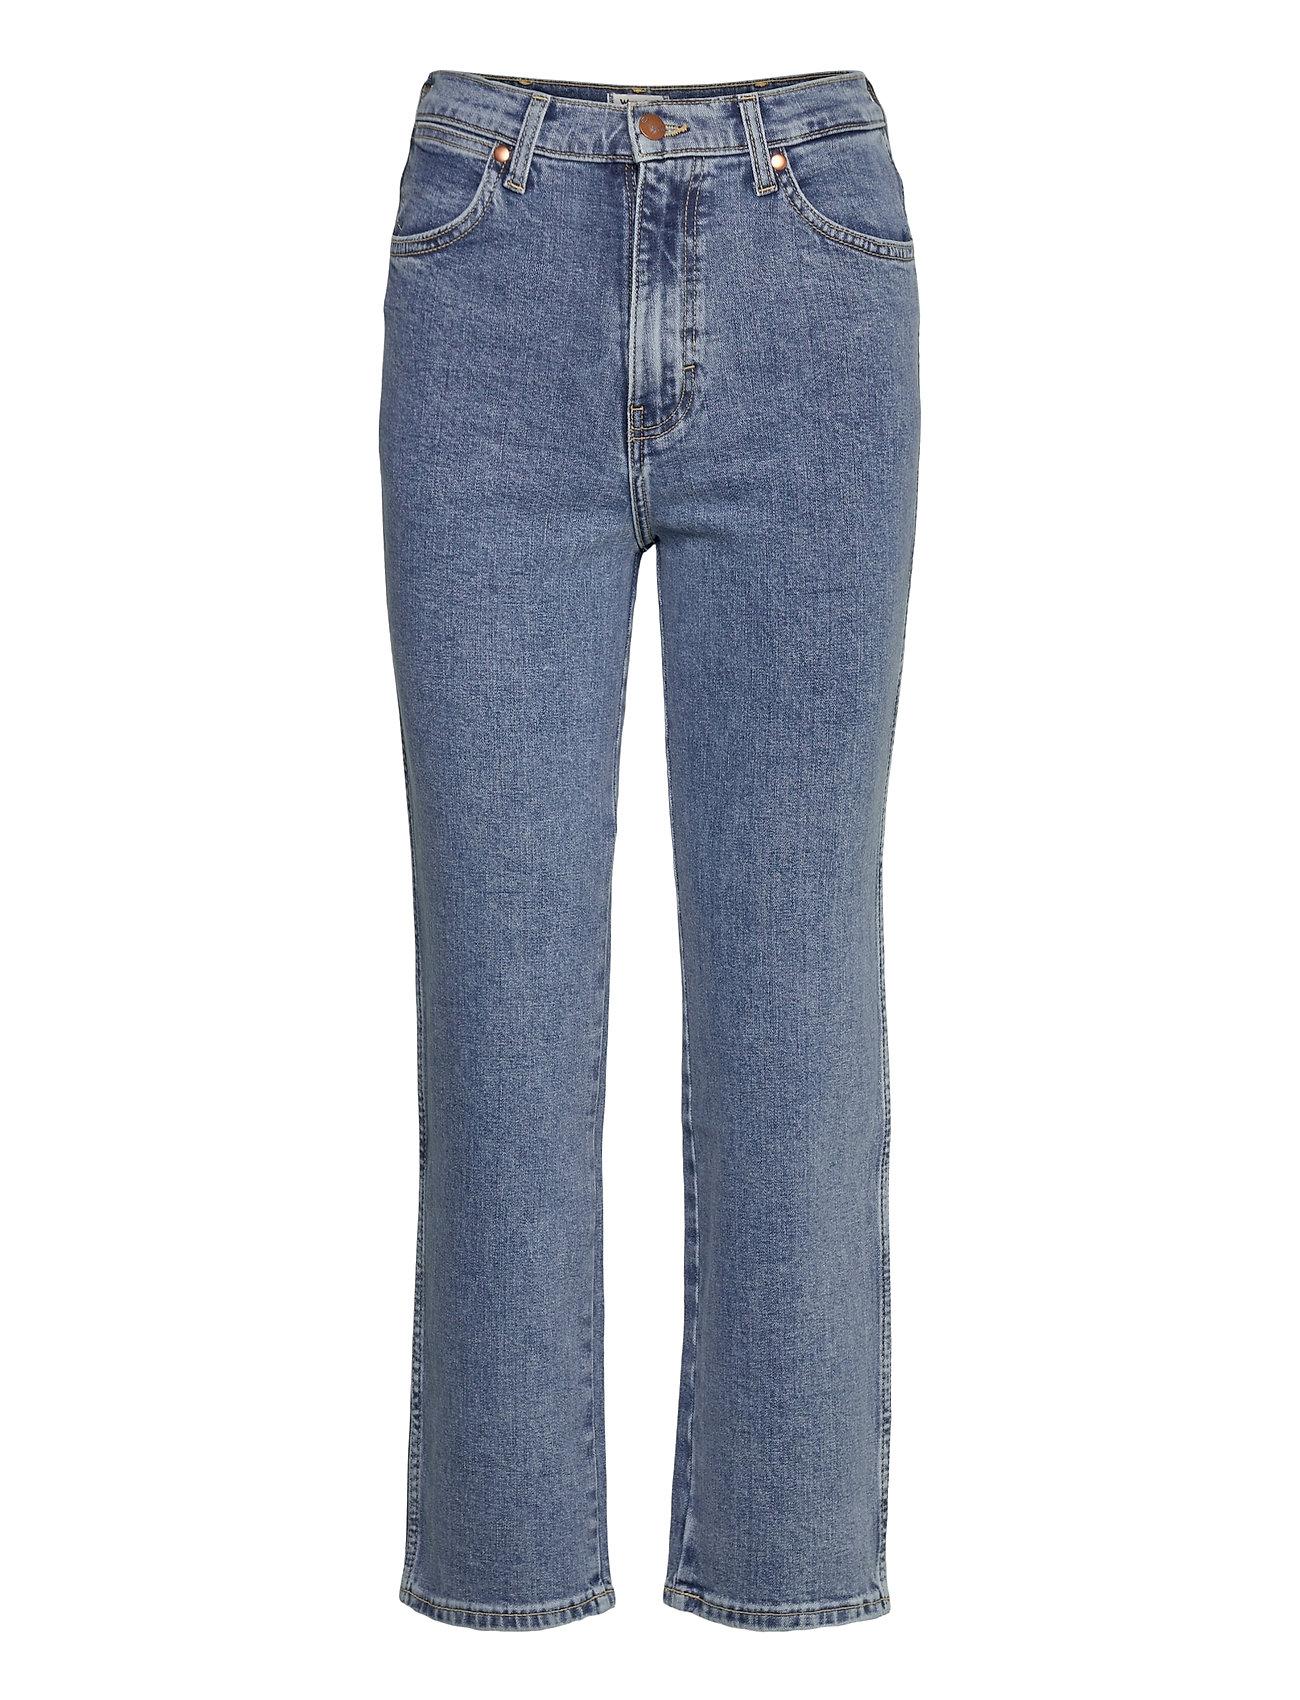 Image of Heritage Fit - Wild Lige Jeans Blå Wrangler (3459863253)